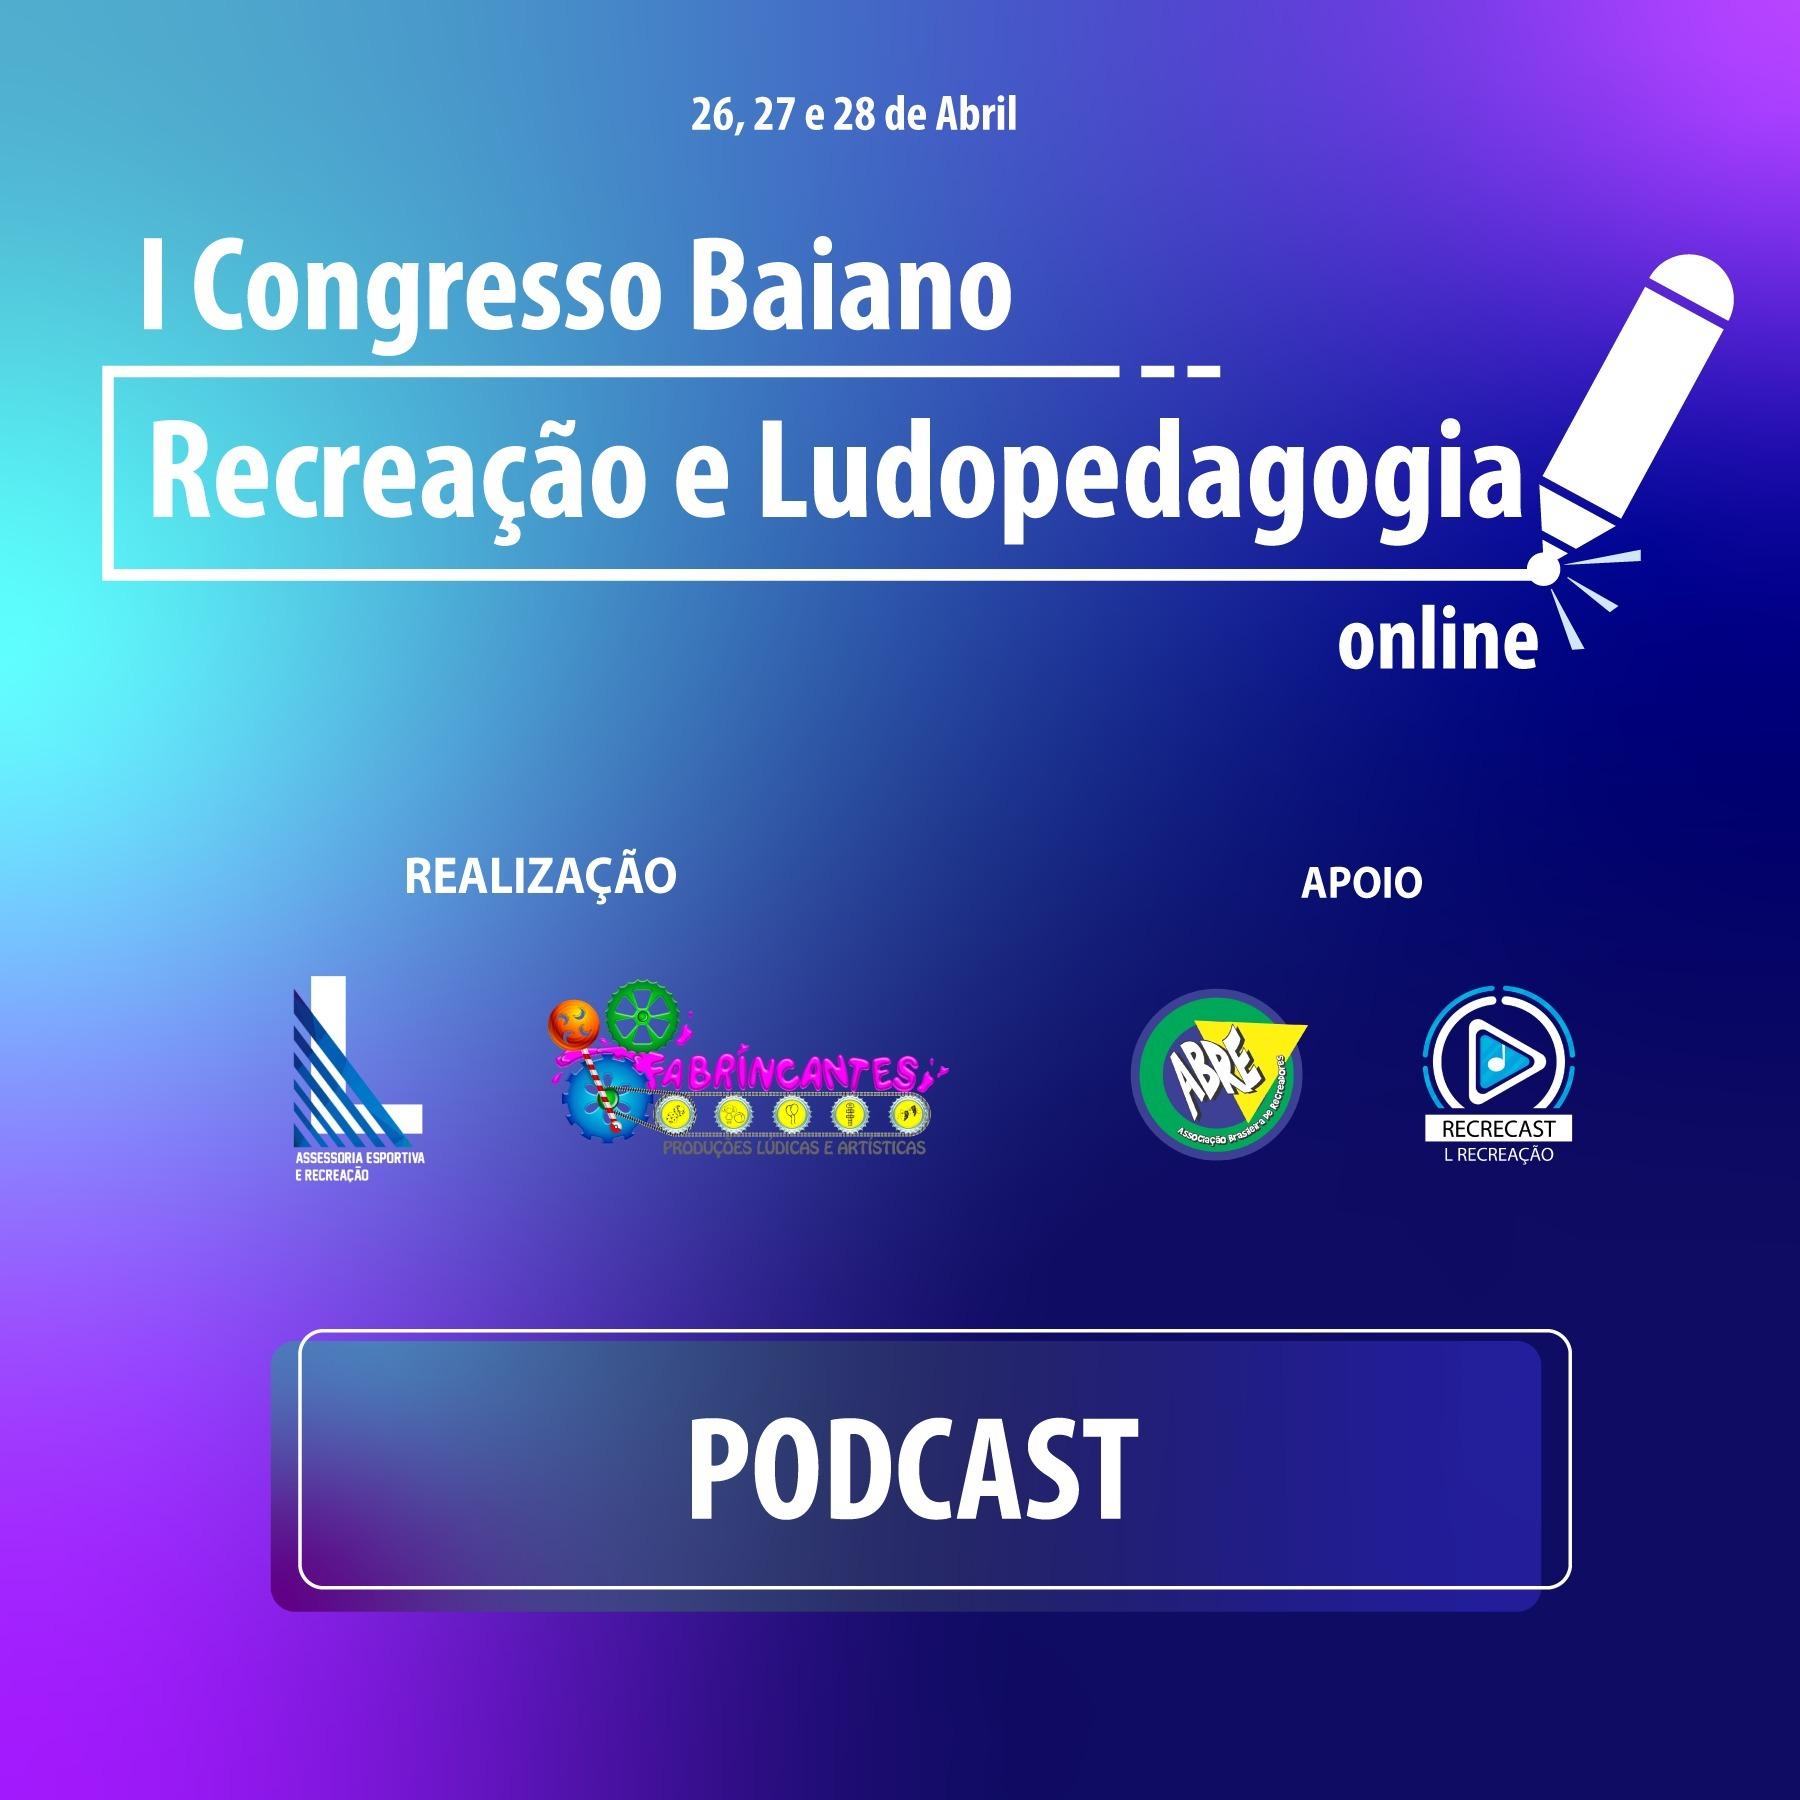 Congresso 01 Pioneirismo na Recreação - Vini Cavallari